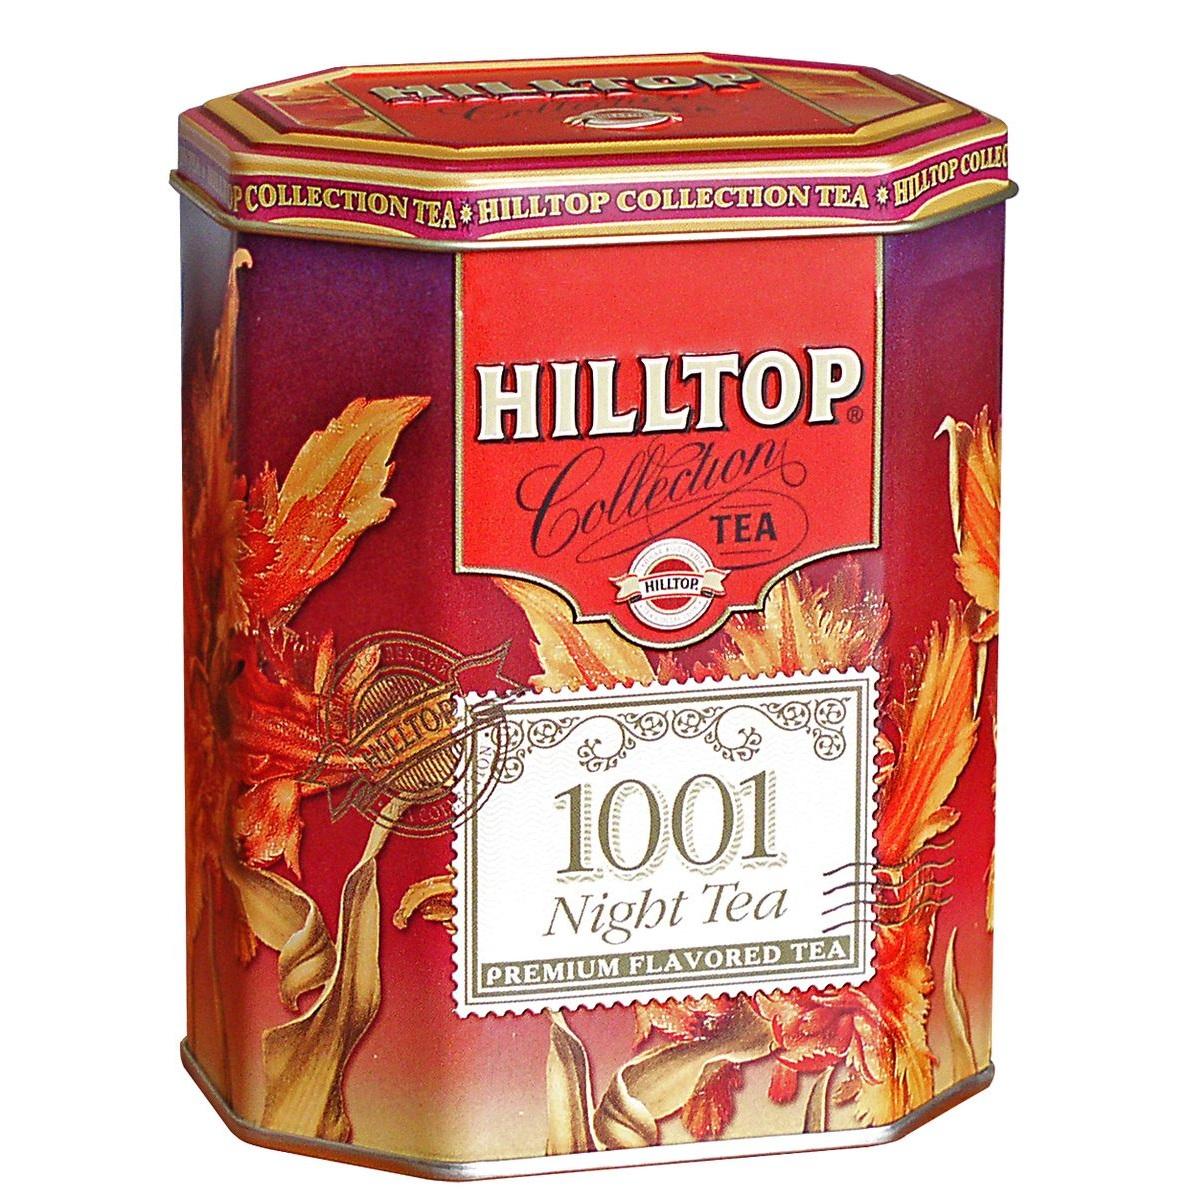 hilltop 1001 ночь ароматизированный листовой чай 125 г Чай смешанный Hilltop 1001 Ночь 100 г